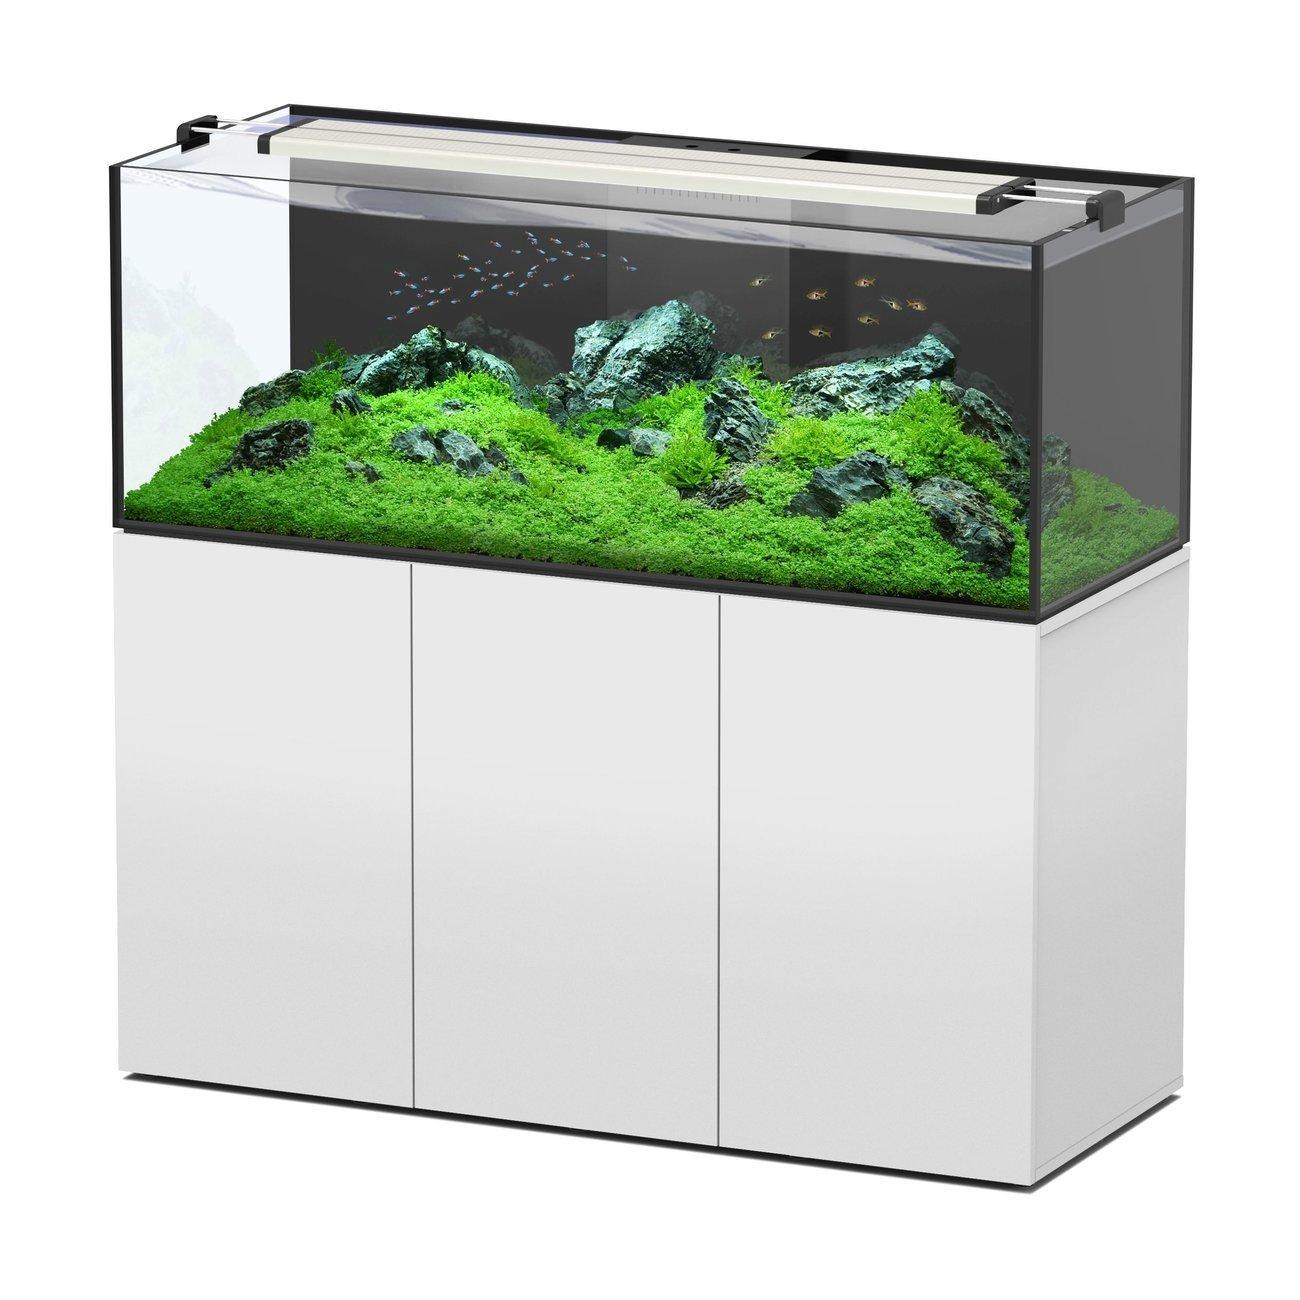 Aquatlantis AquaView 150 mit Unterschrank, Bild 2